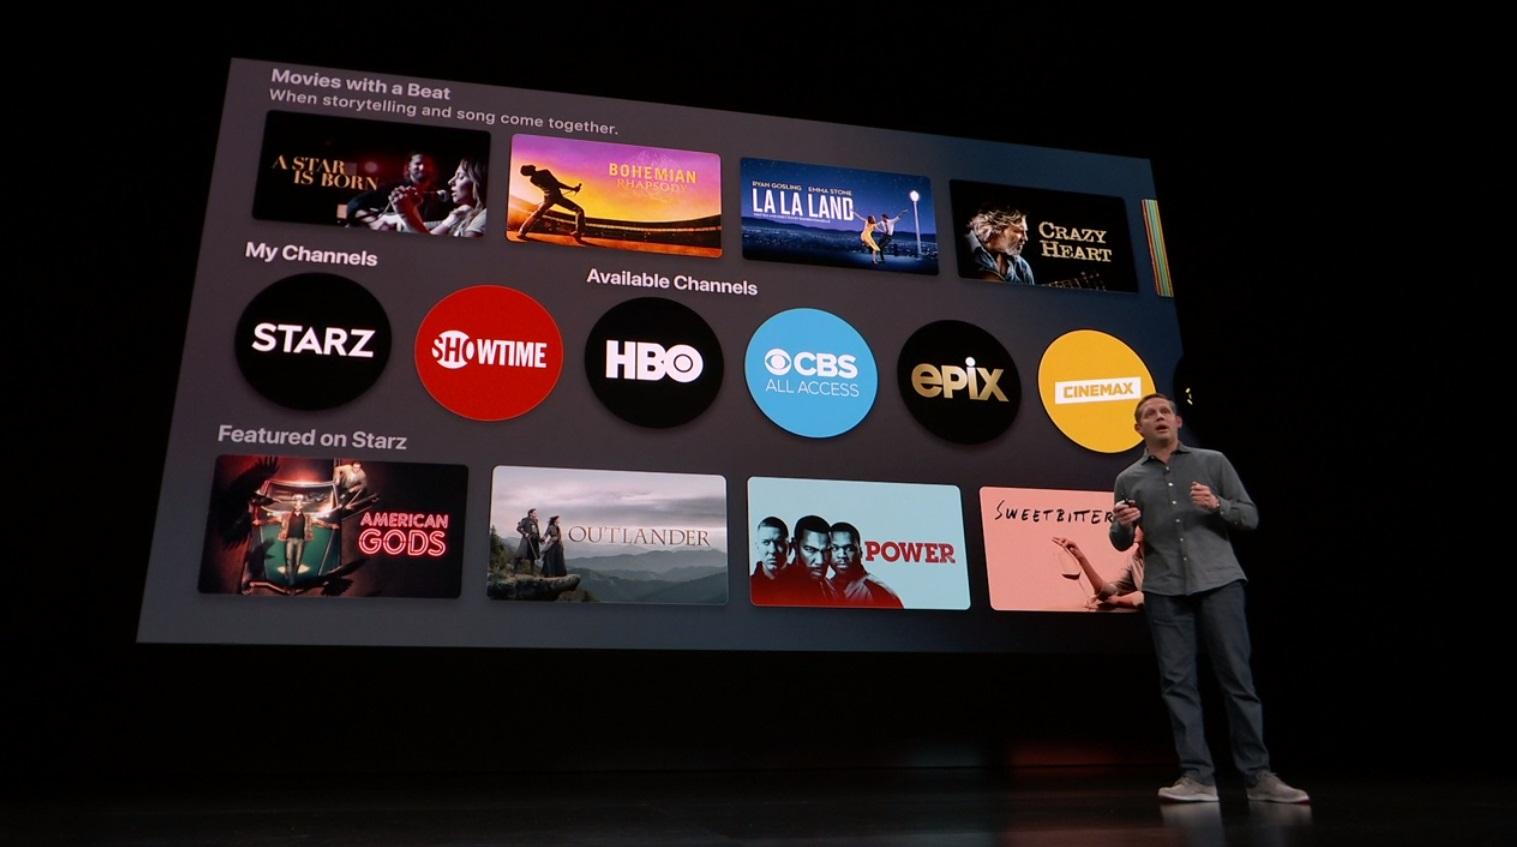 Apple TV Channels y Apple TV+: integración de servicios y contenidos exclusivos 39